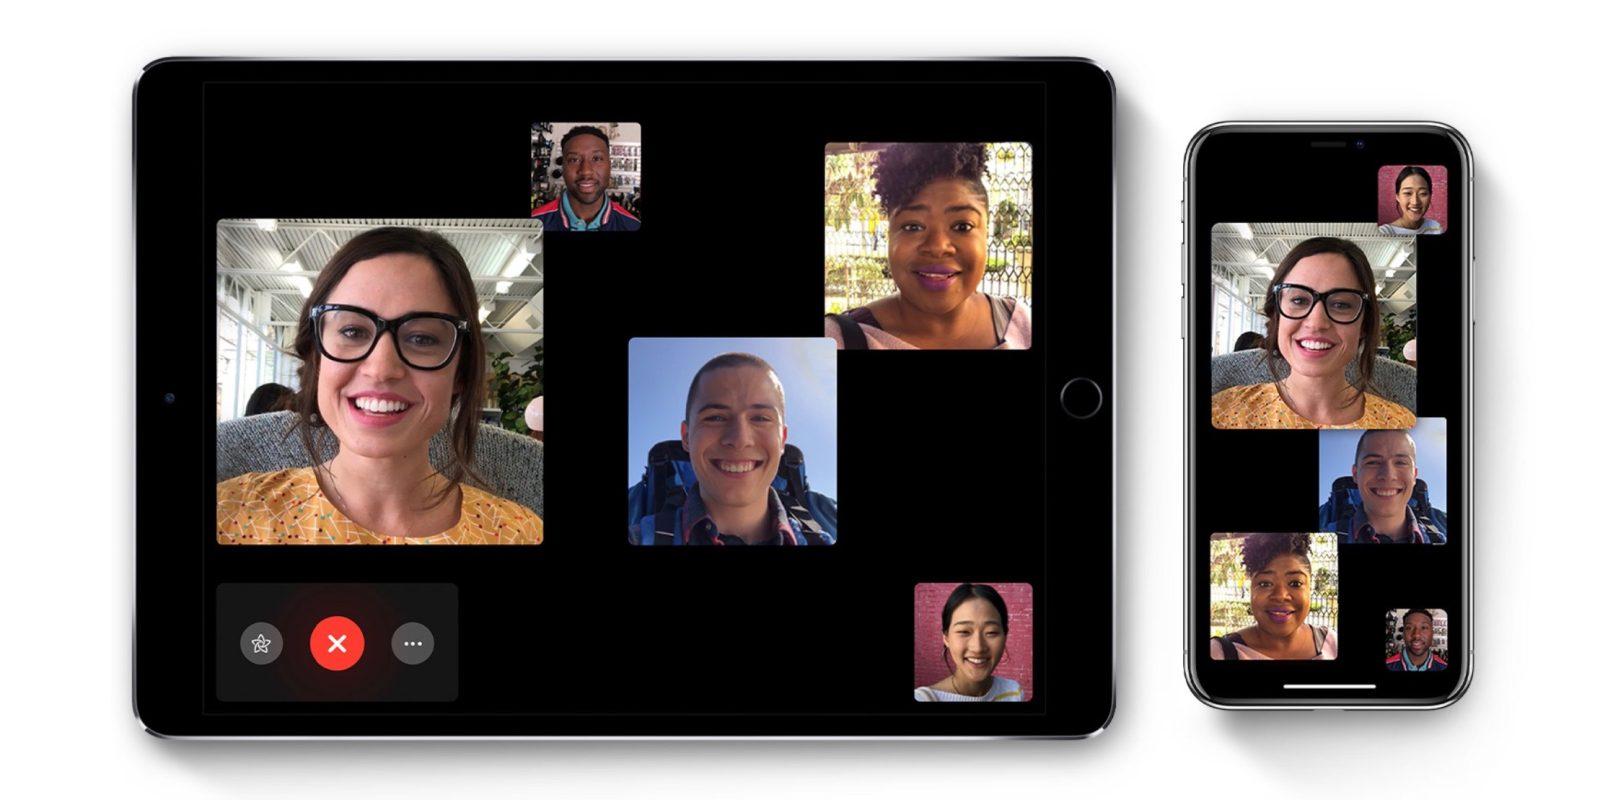 group-facetime-iphone-ipad-ios-12.jpg